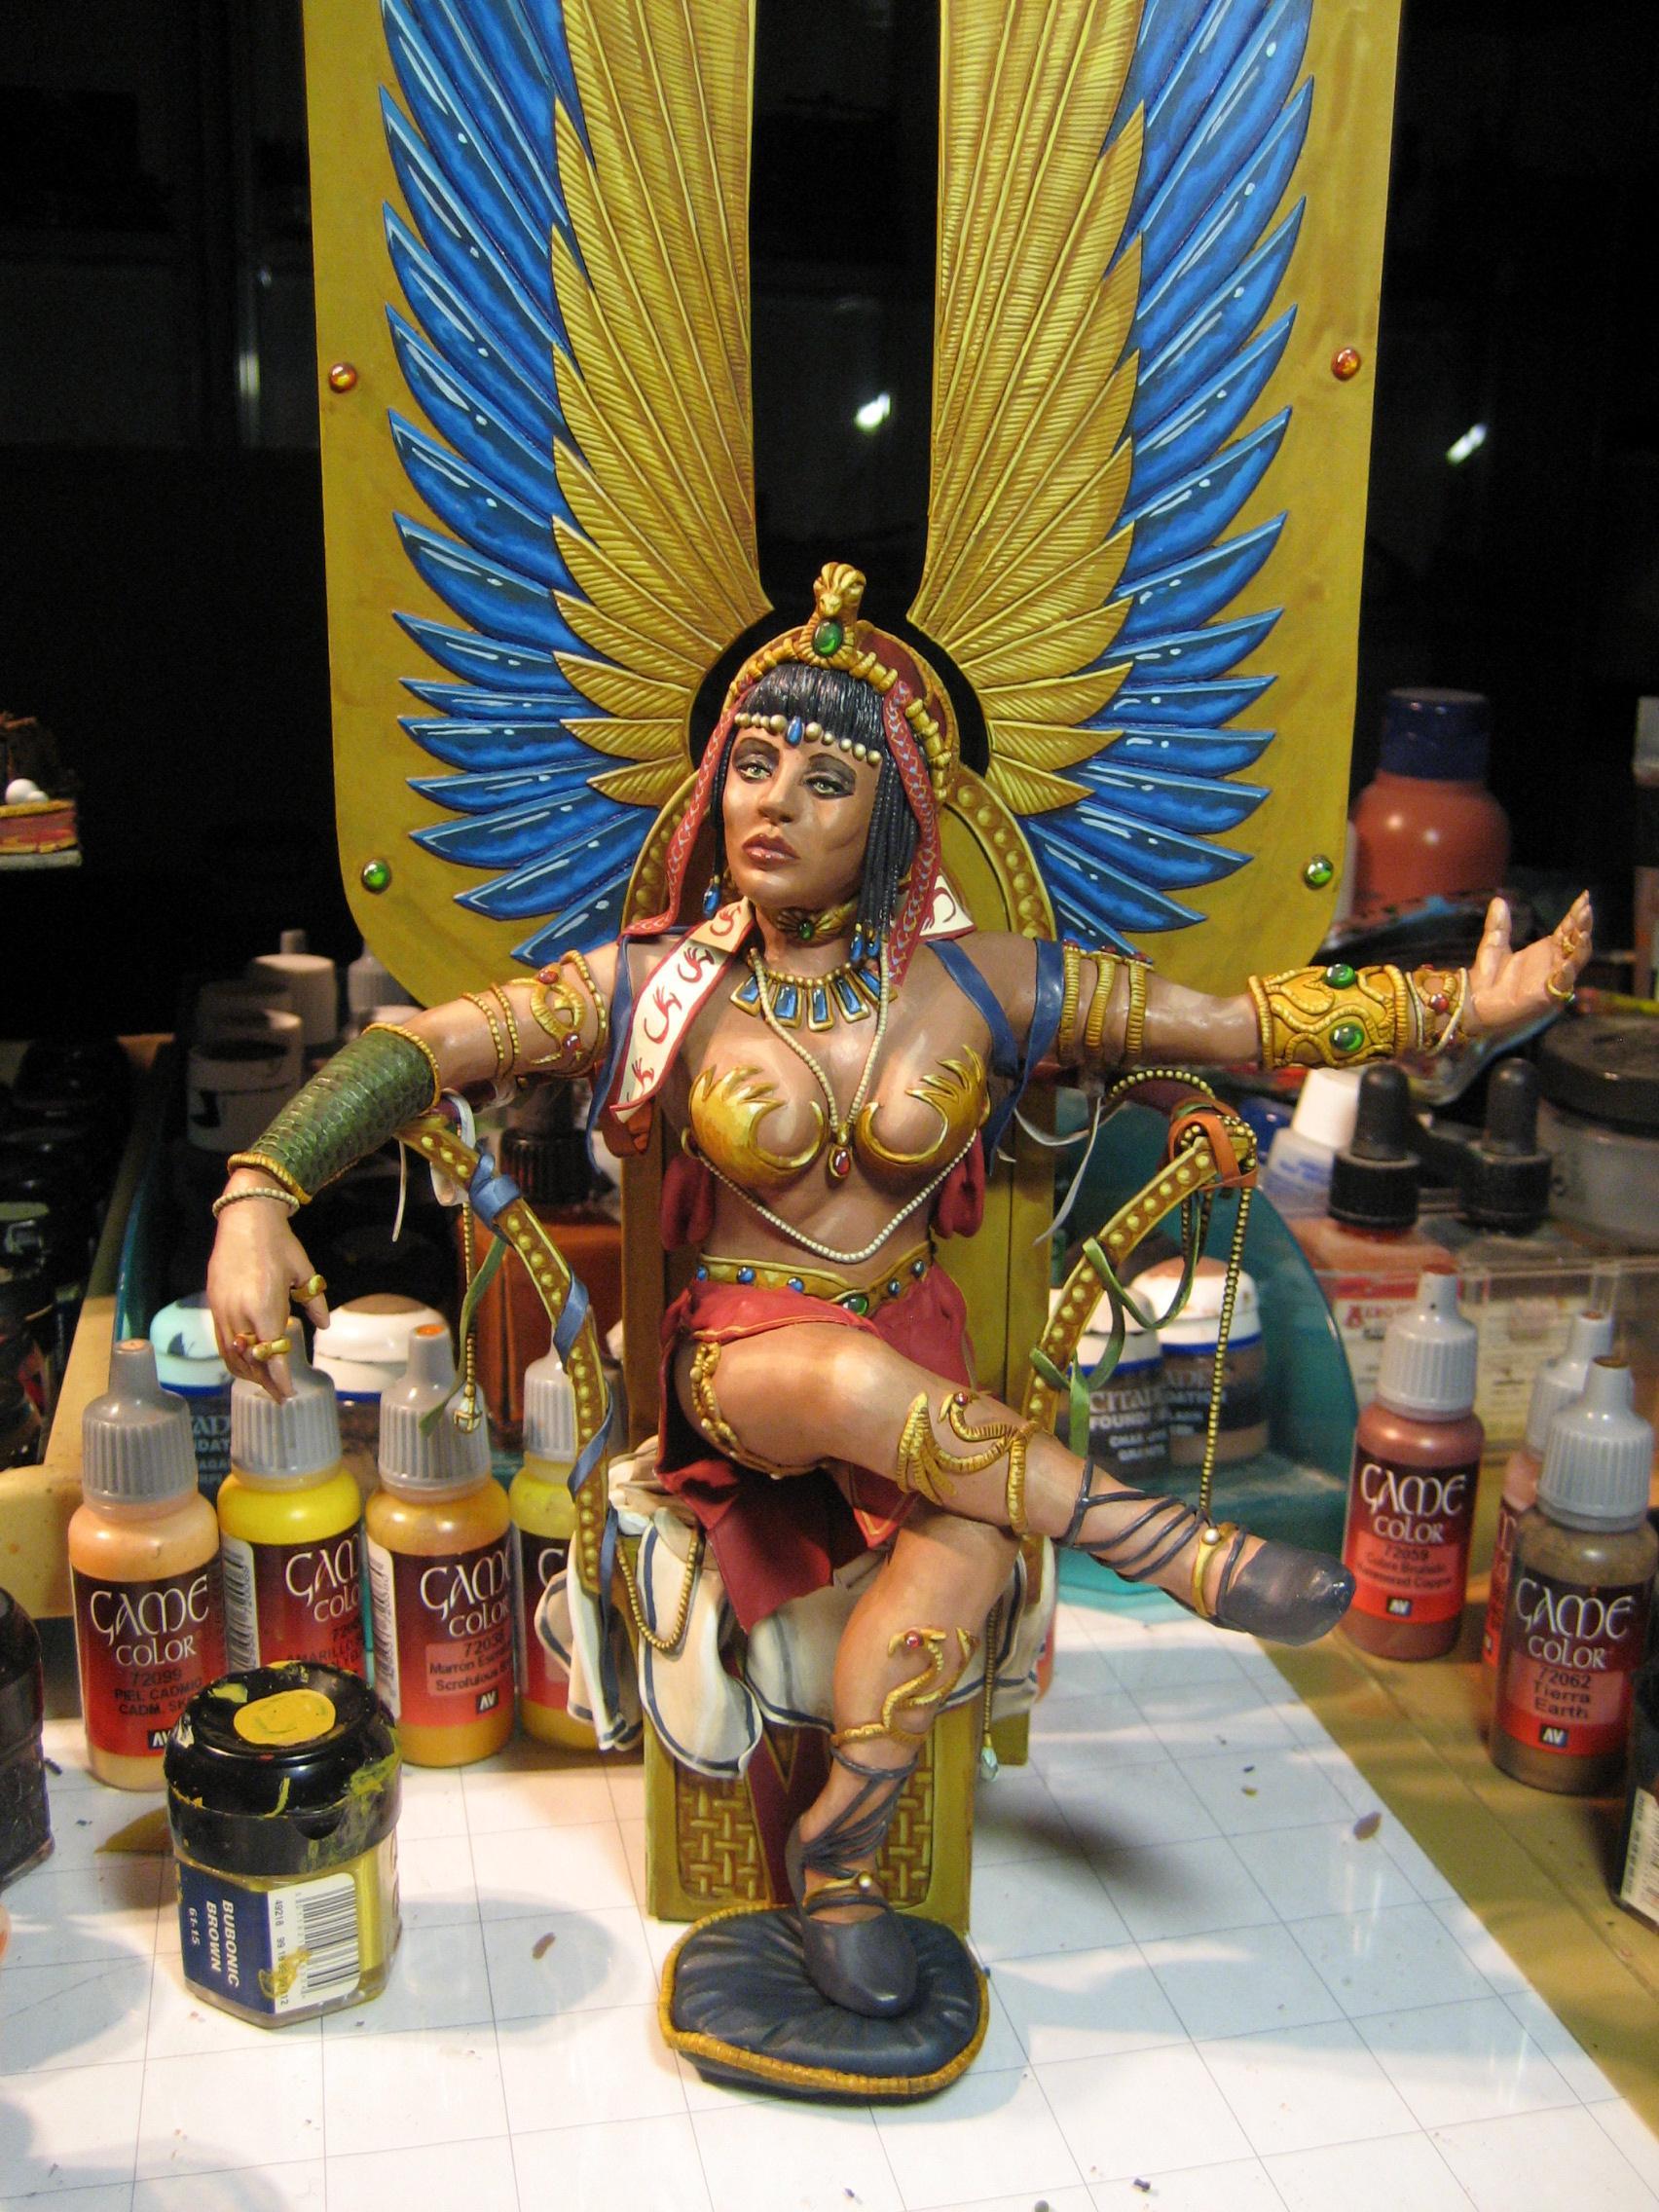 Egypt, Goddess, paint complete